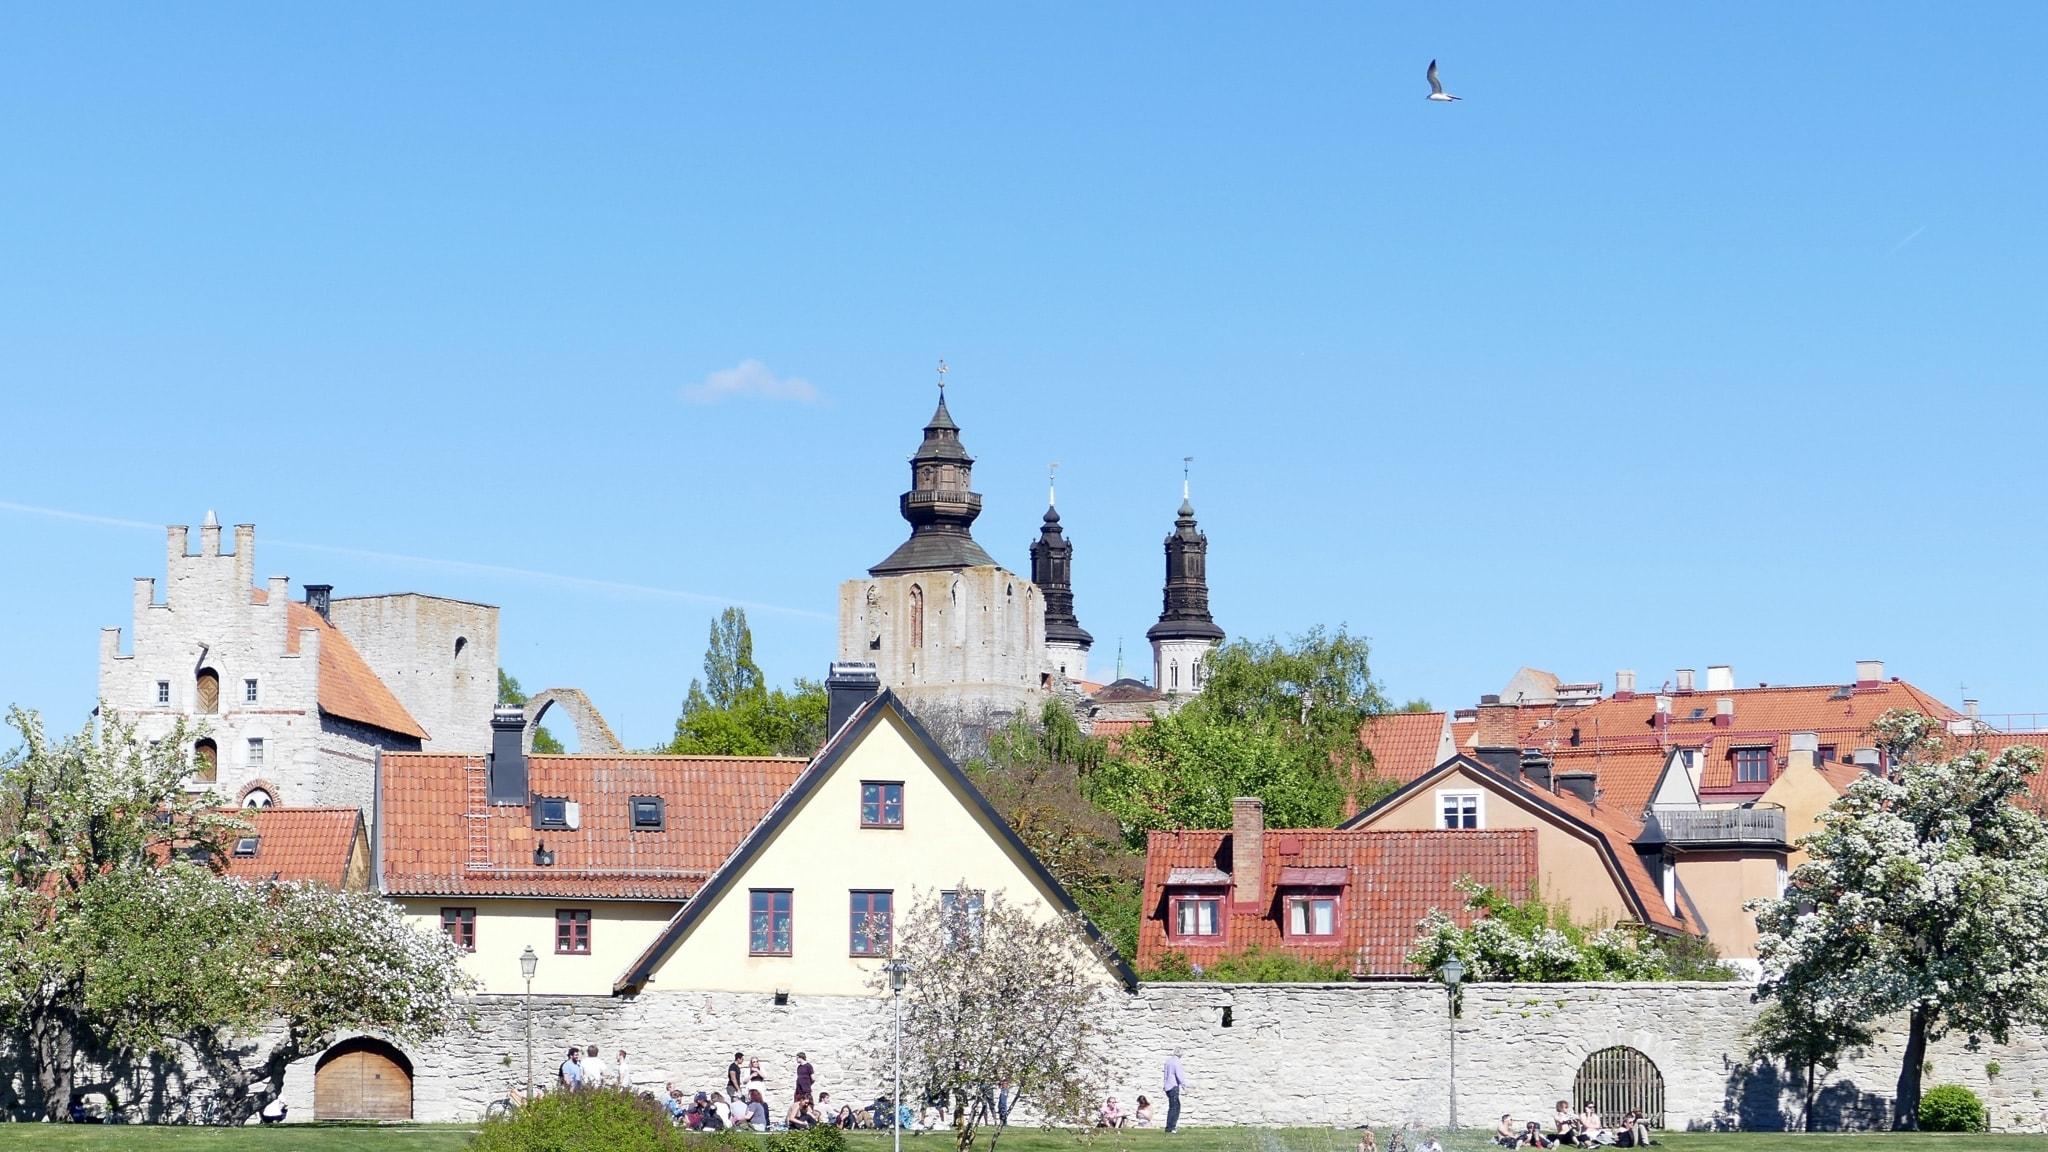 Människor och tro från Almedalsveckan i Visby